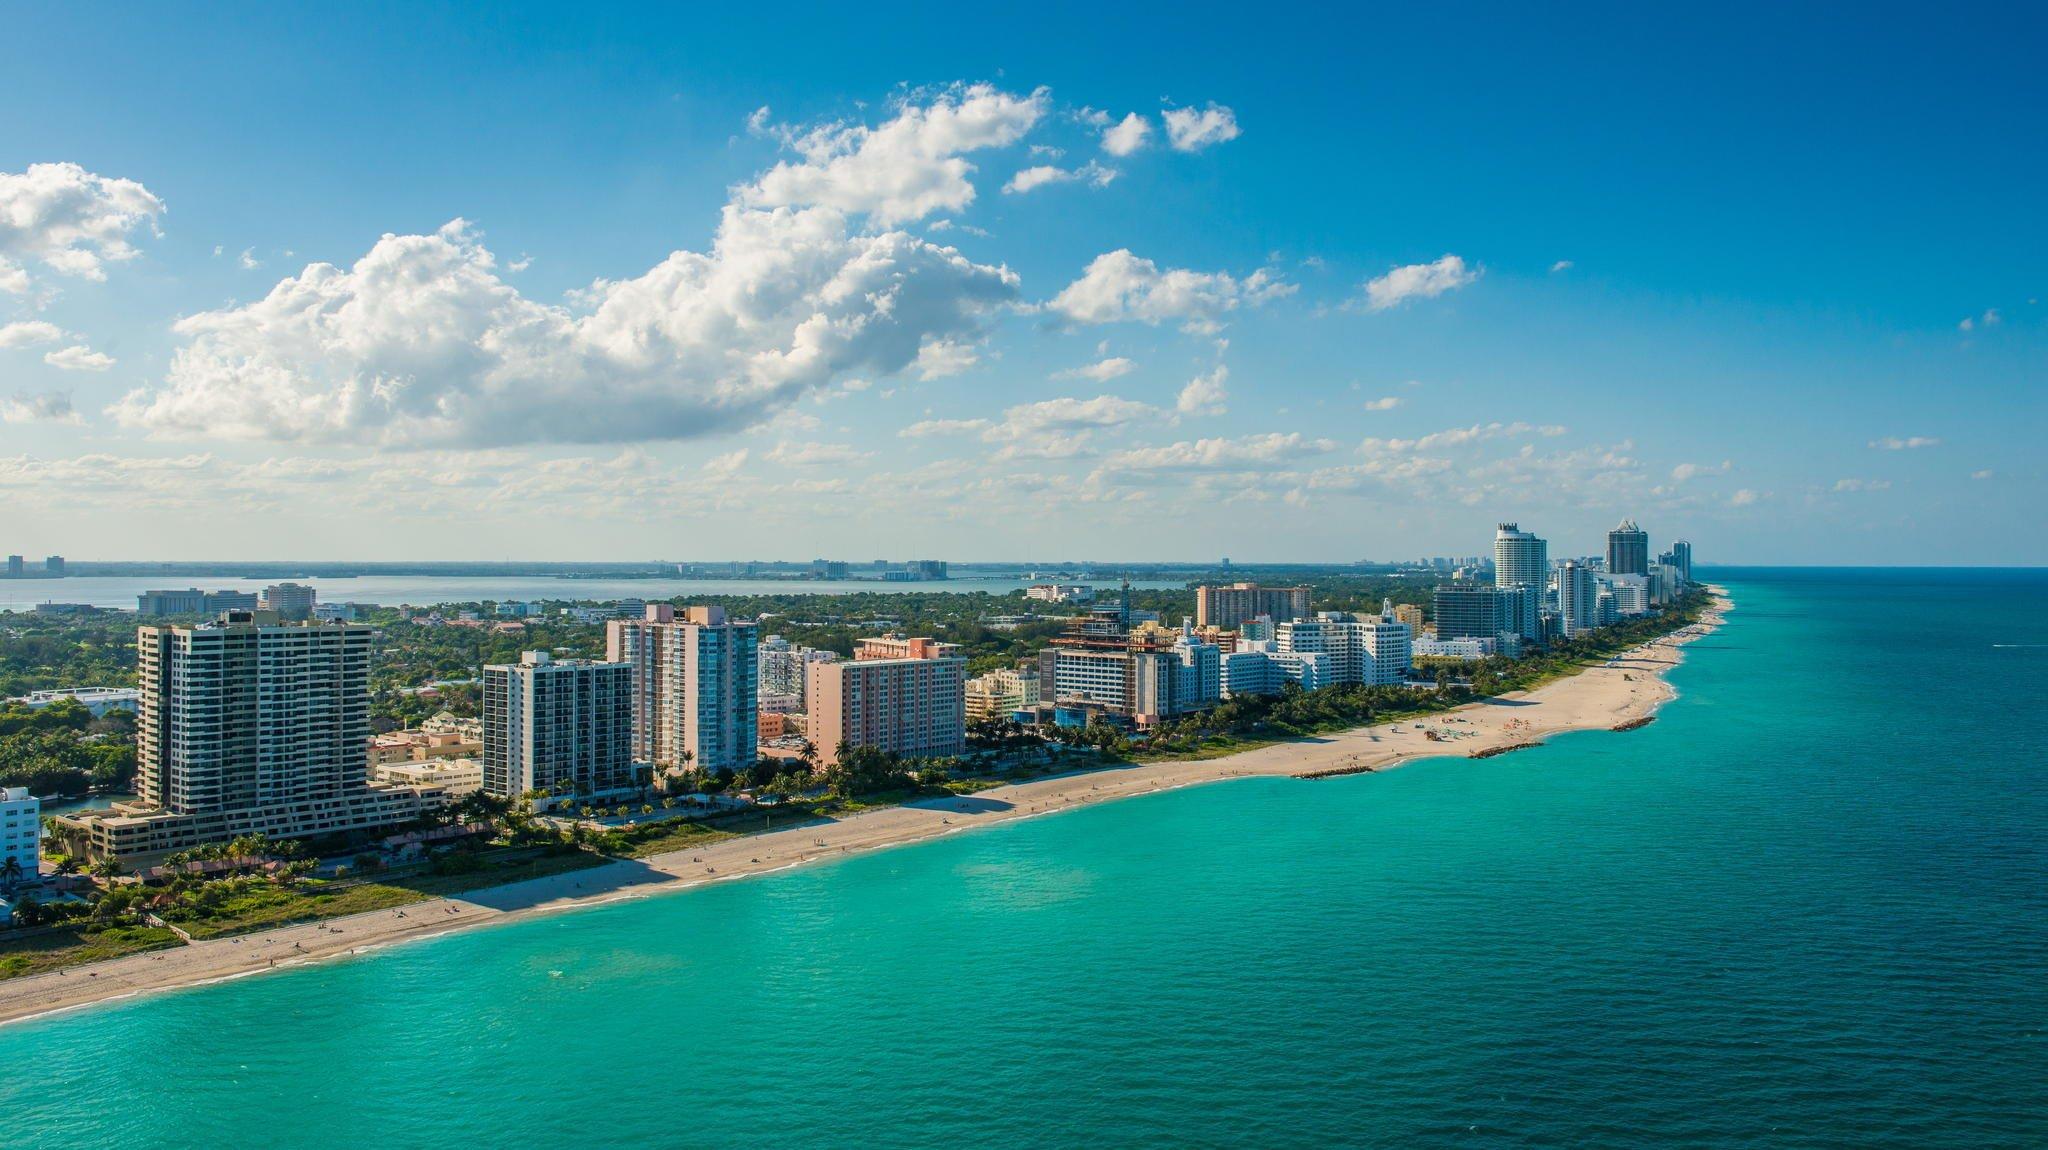 South Beach Miami Florida 03 - miami beach wedding permit